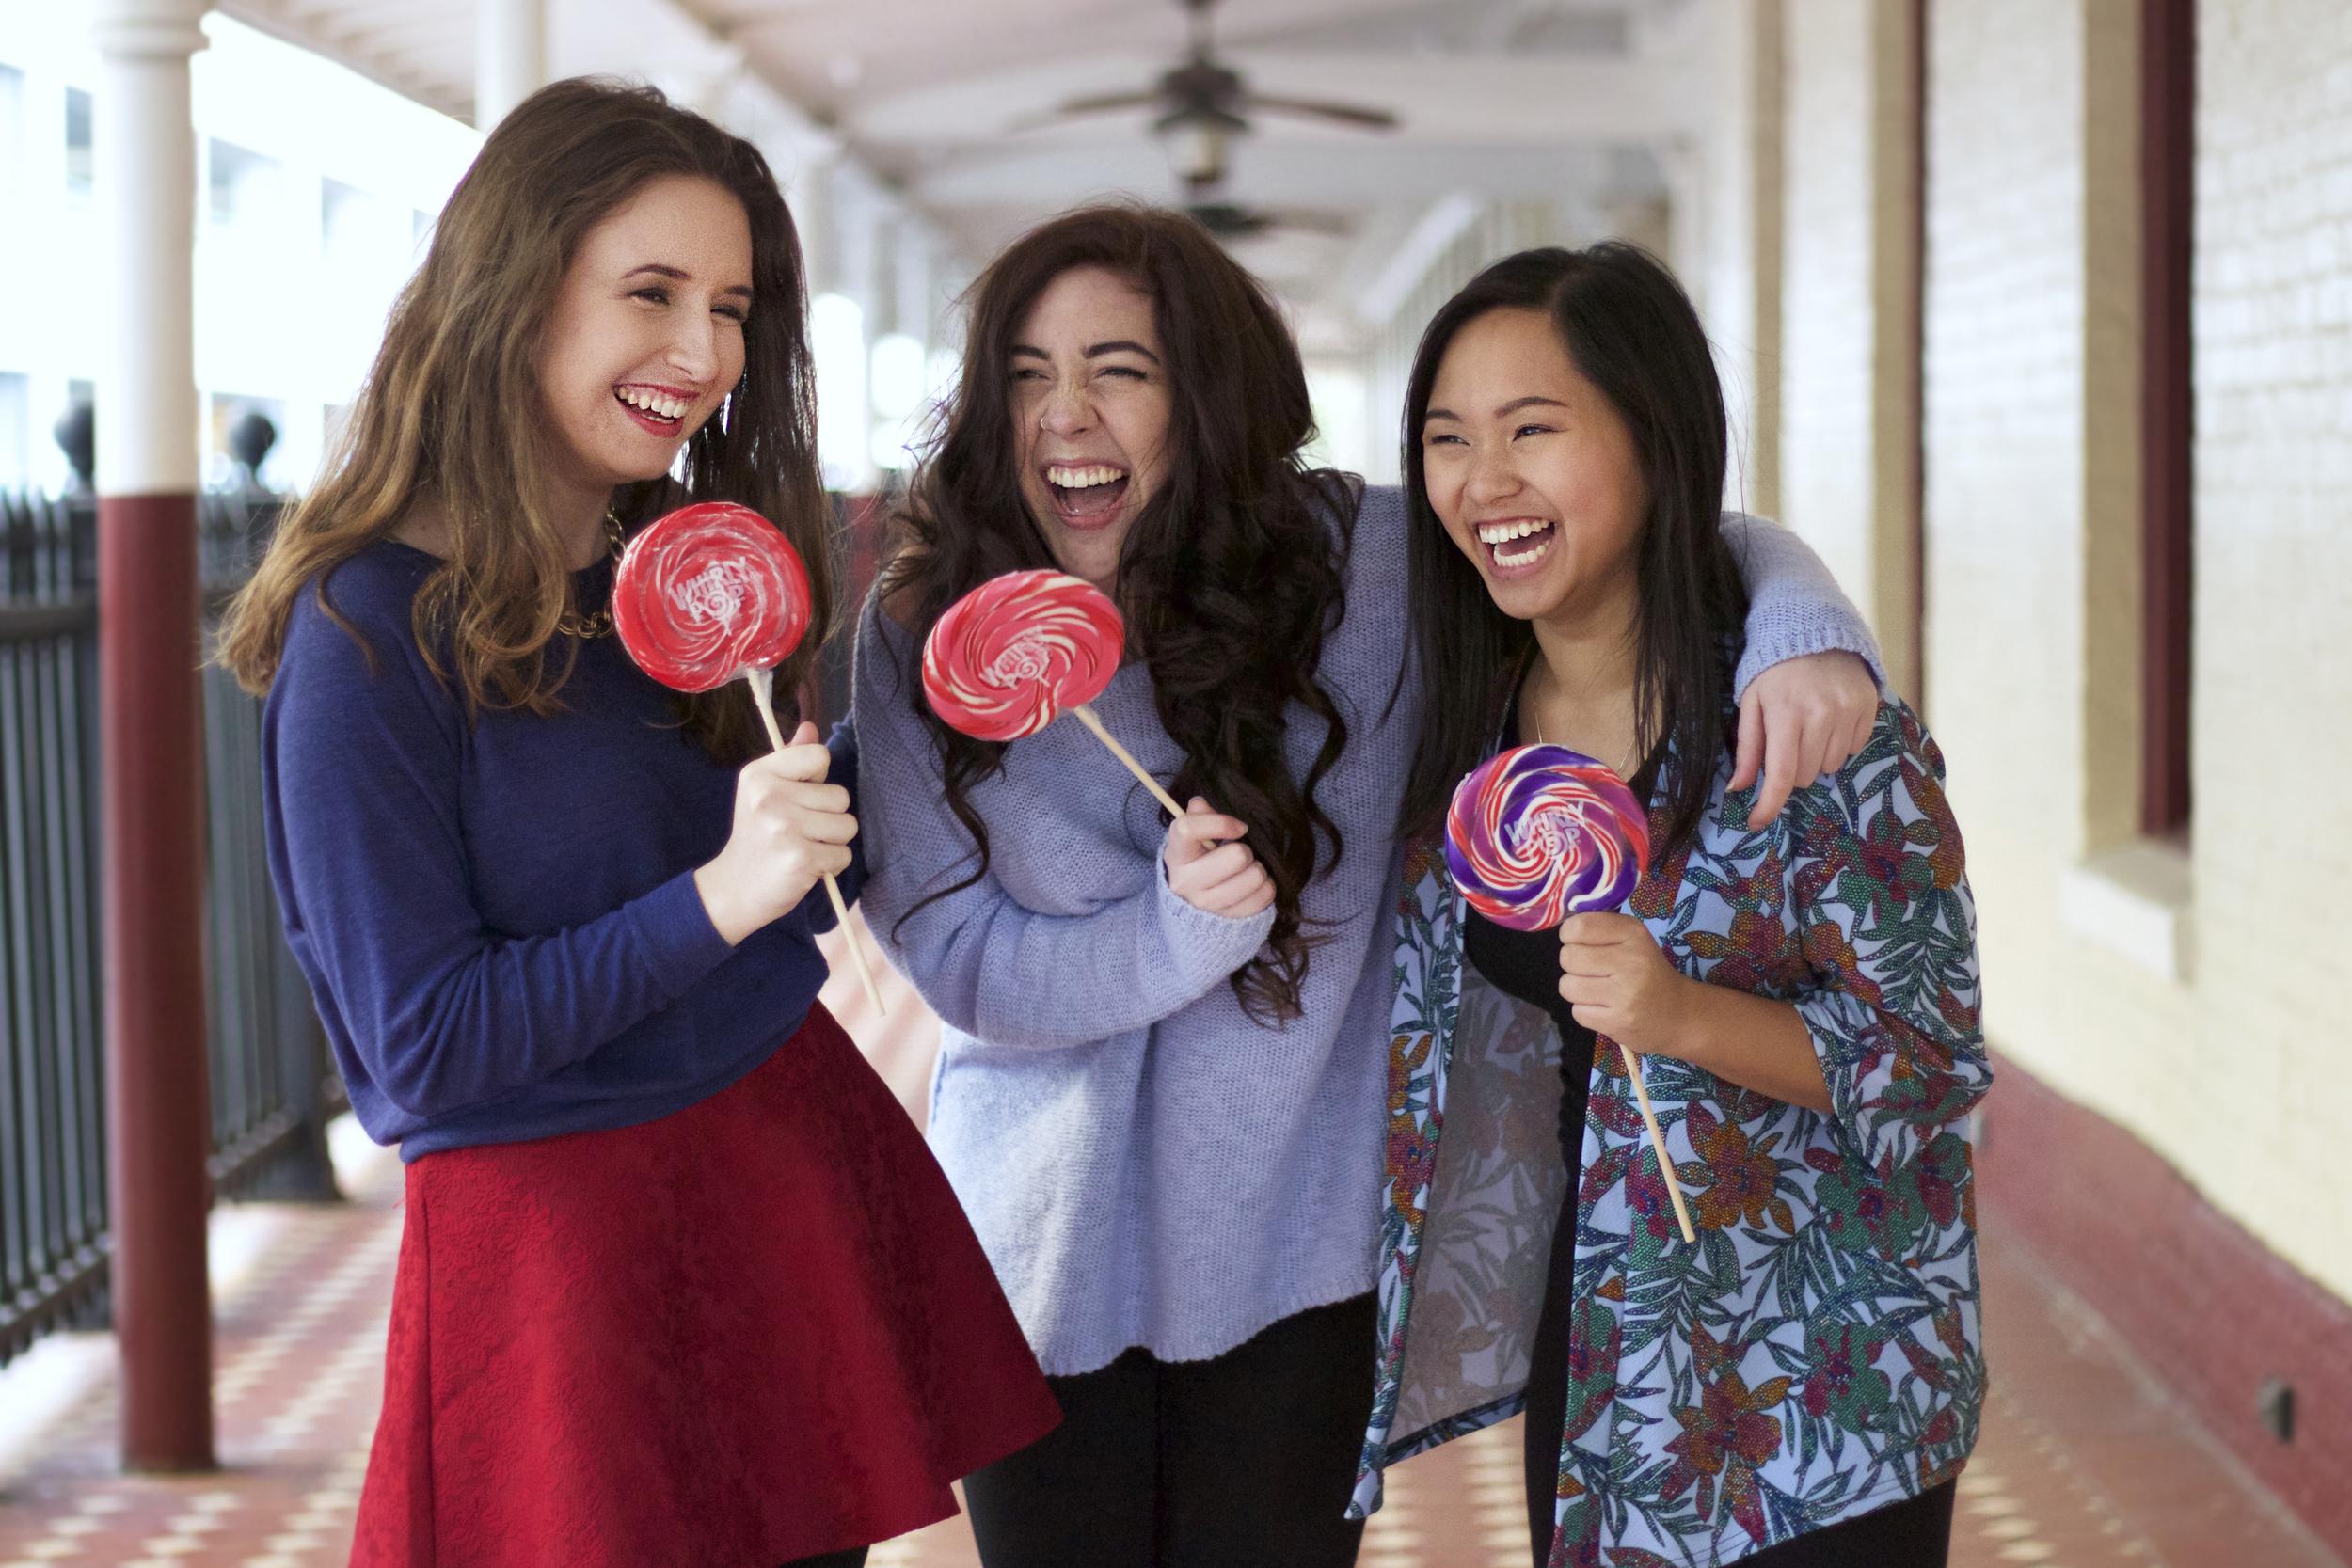 Emily Sachs, Hannah Gogan, and Becca Hildalgo–January 2015